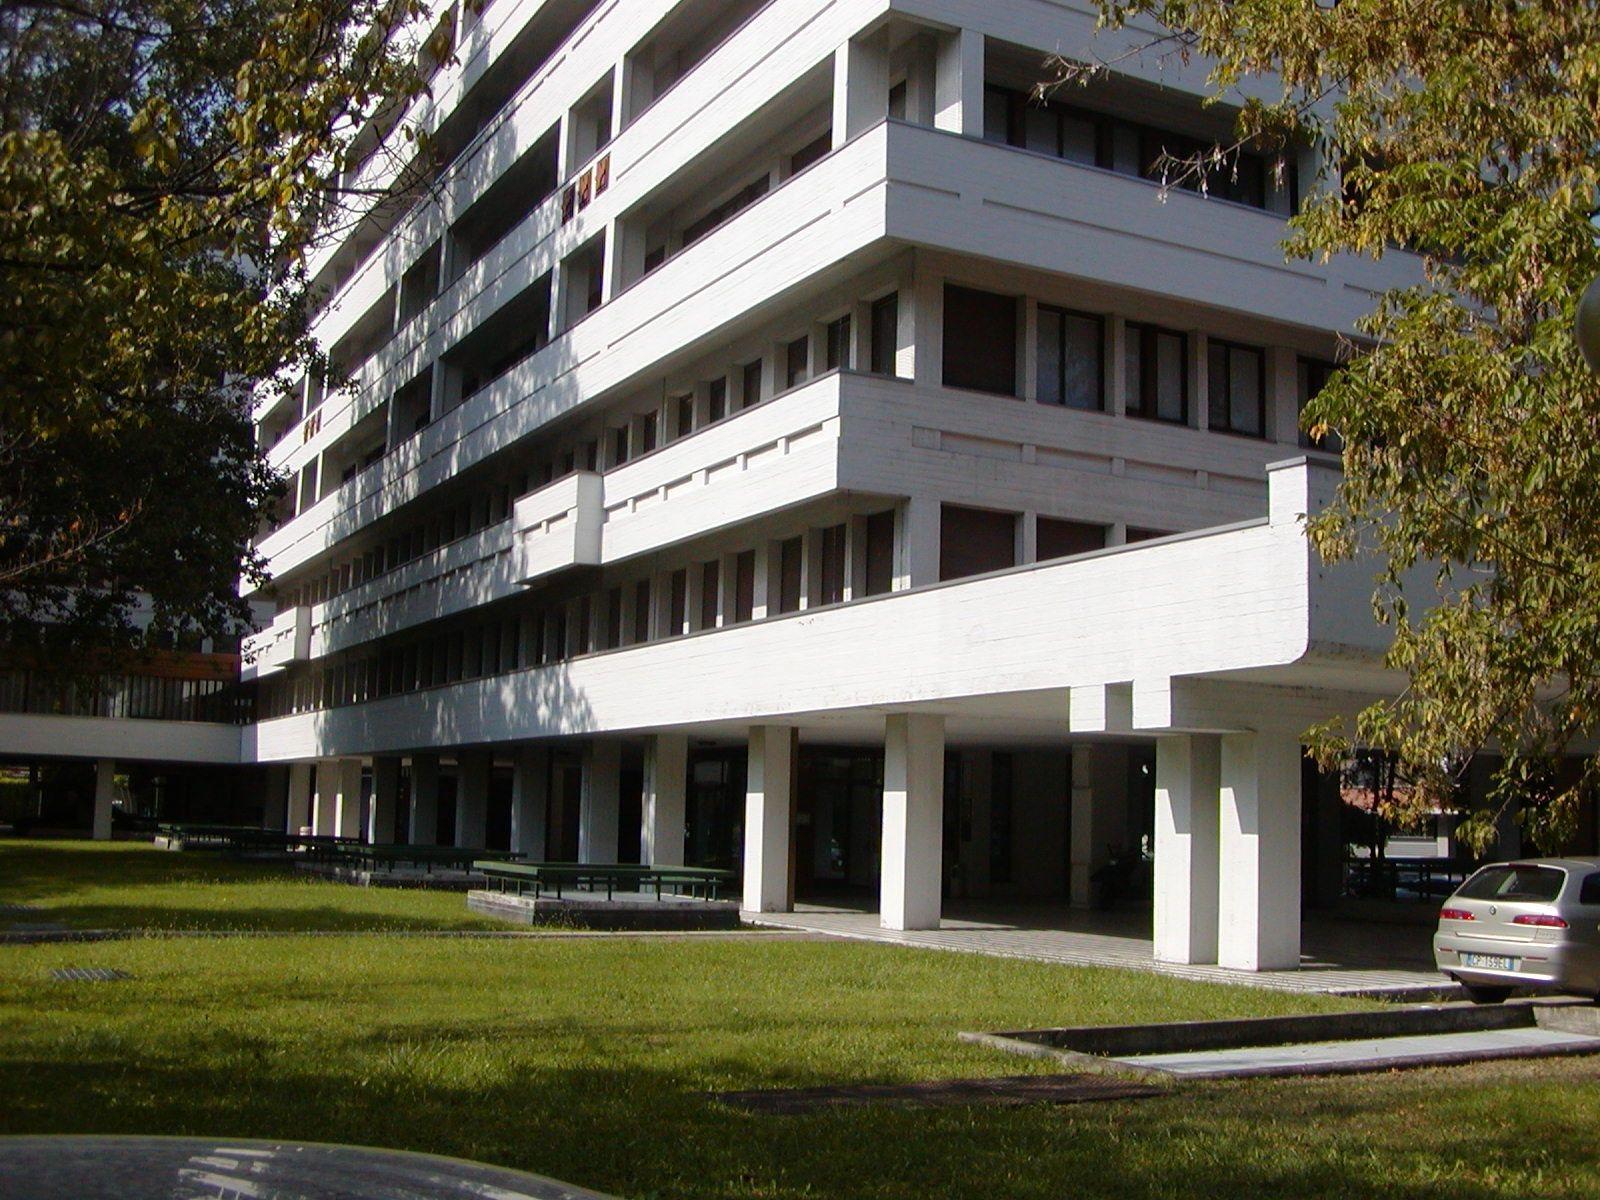 Ufficio uso ufficio in affitto a bologna mq for Affitti uso ufficio